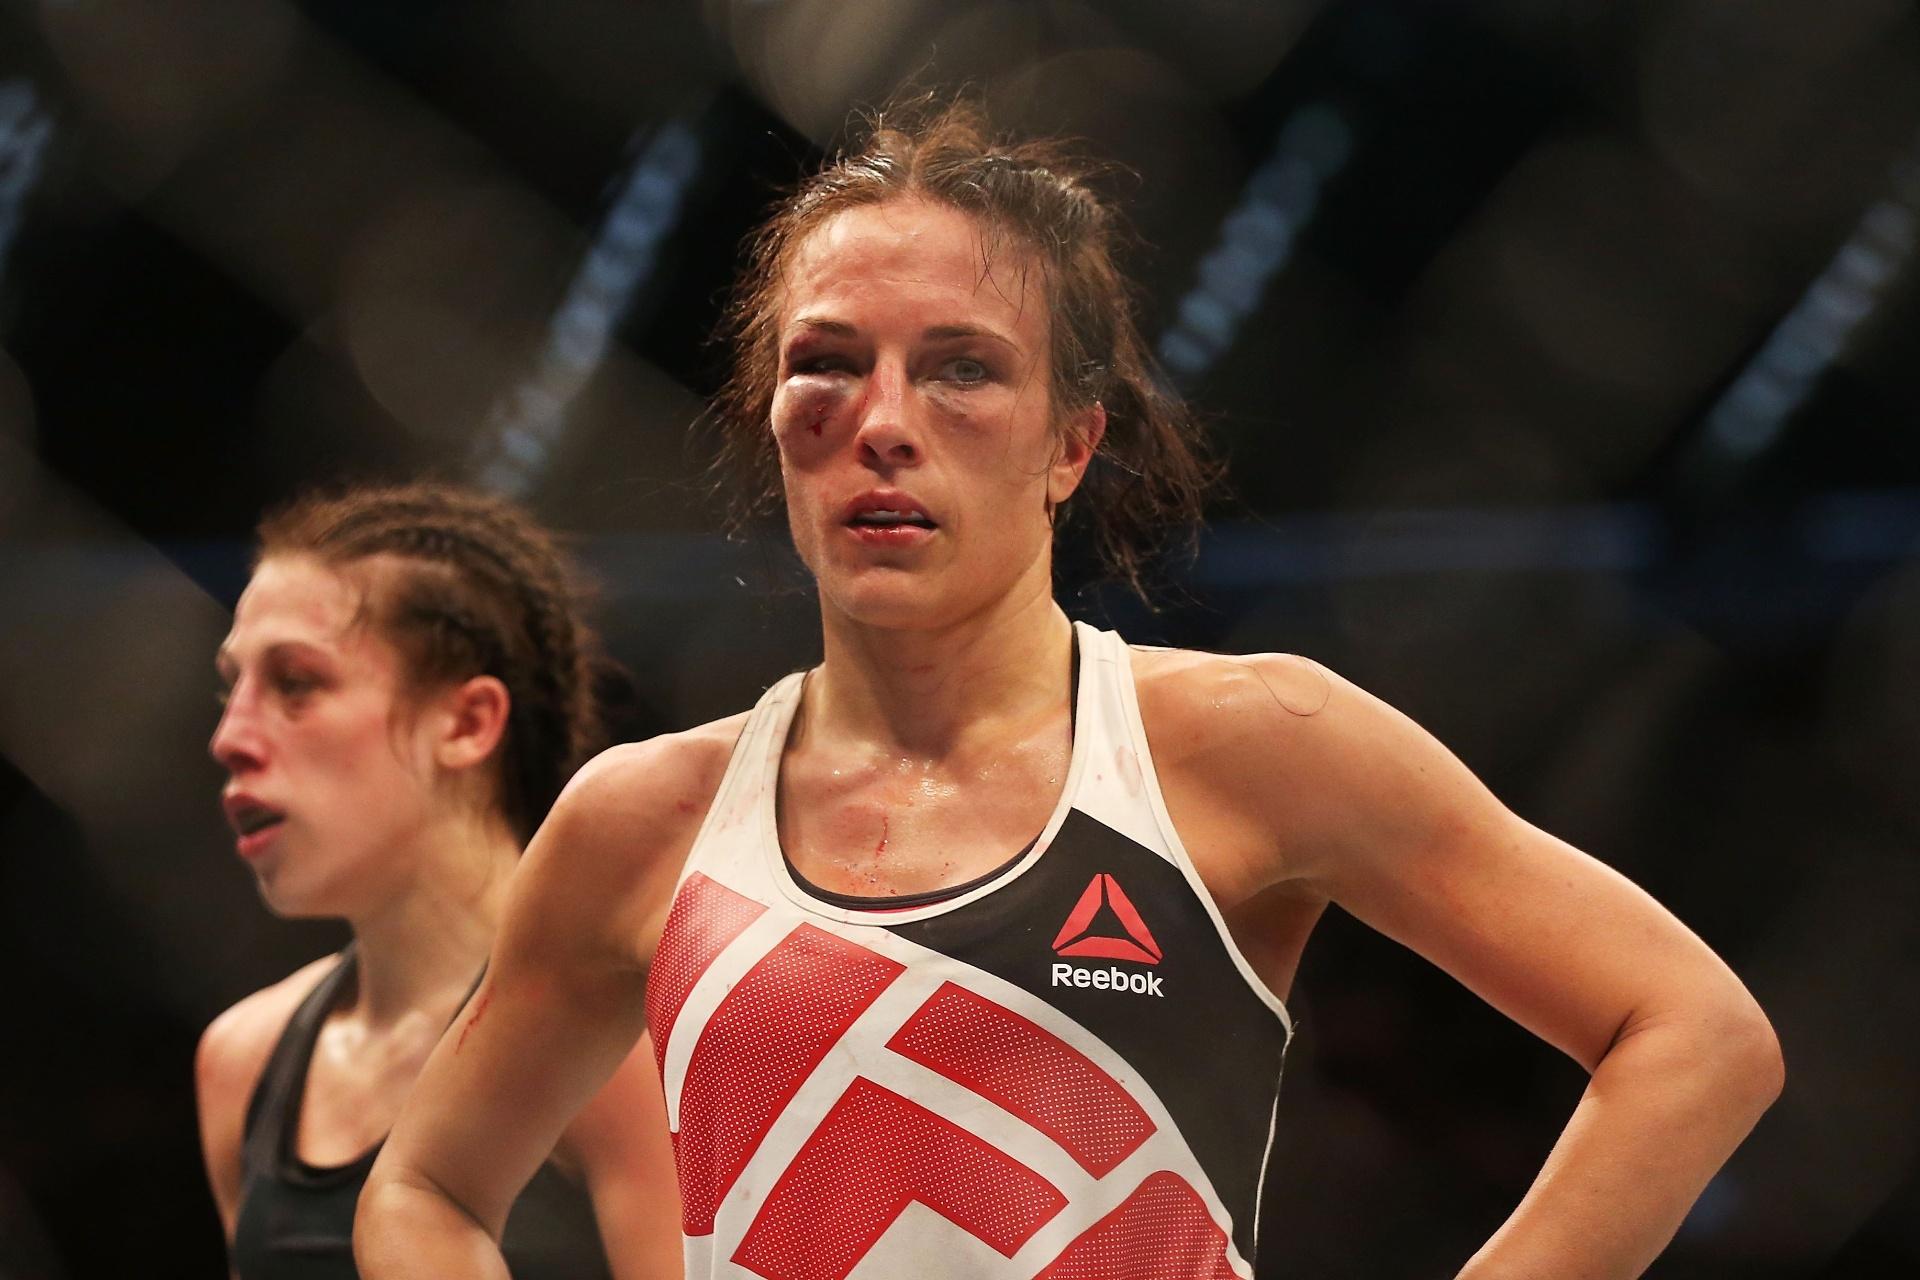 Valerie Letorneau ficou com o olho bem machucado após disputa de cinturão